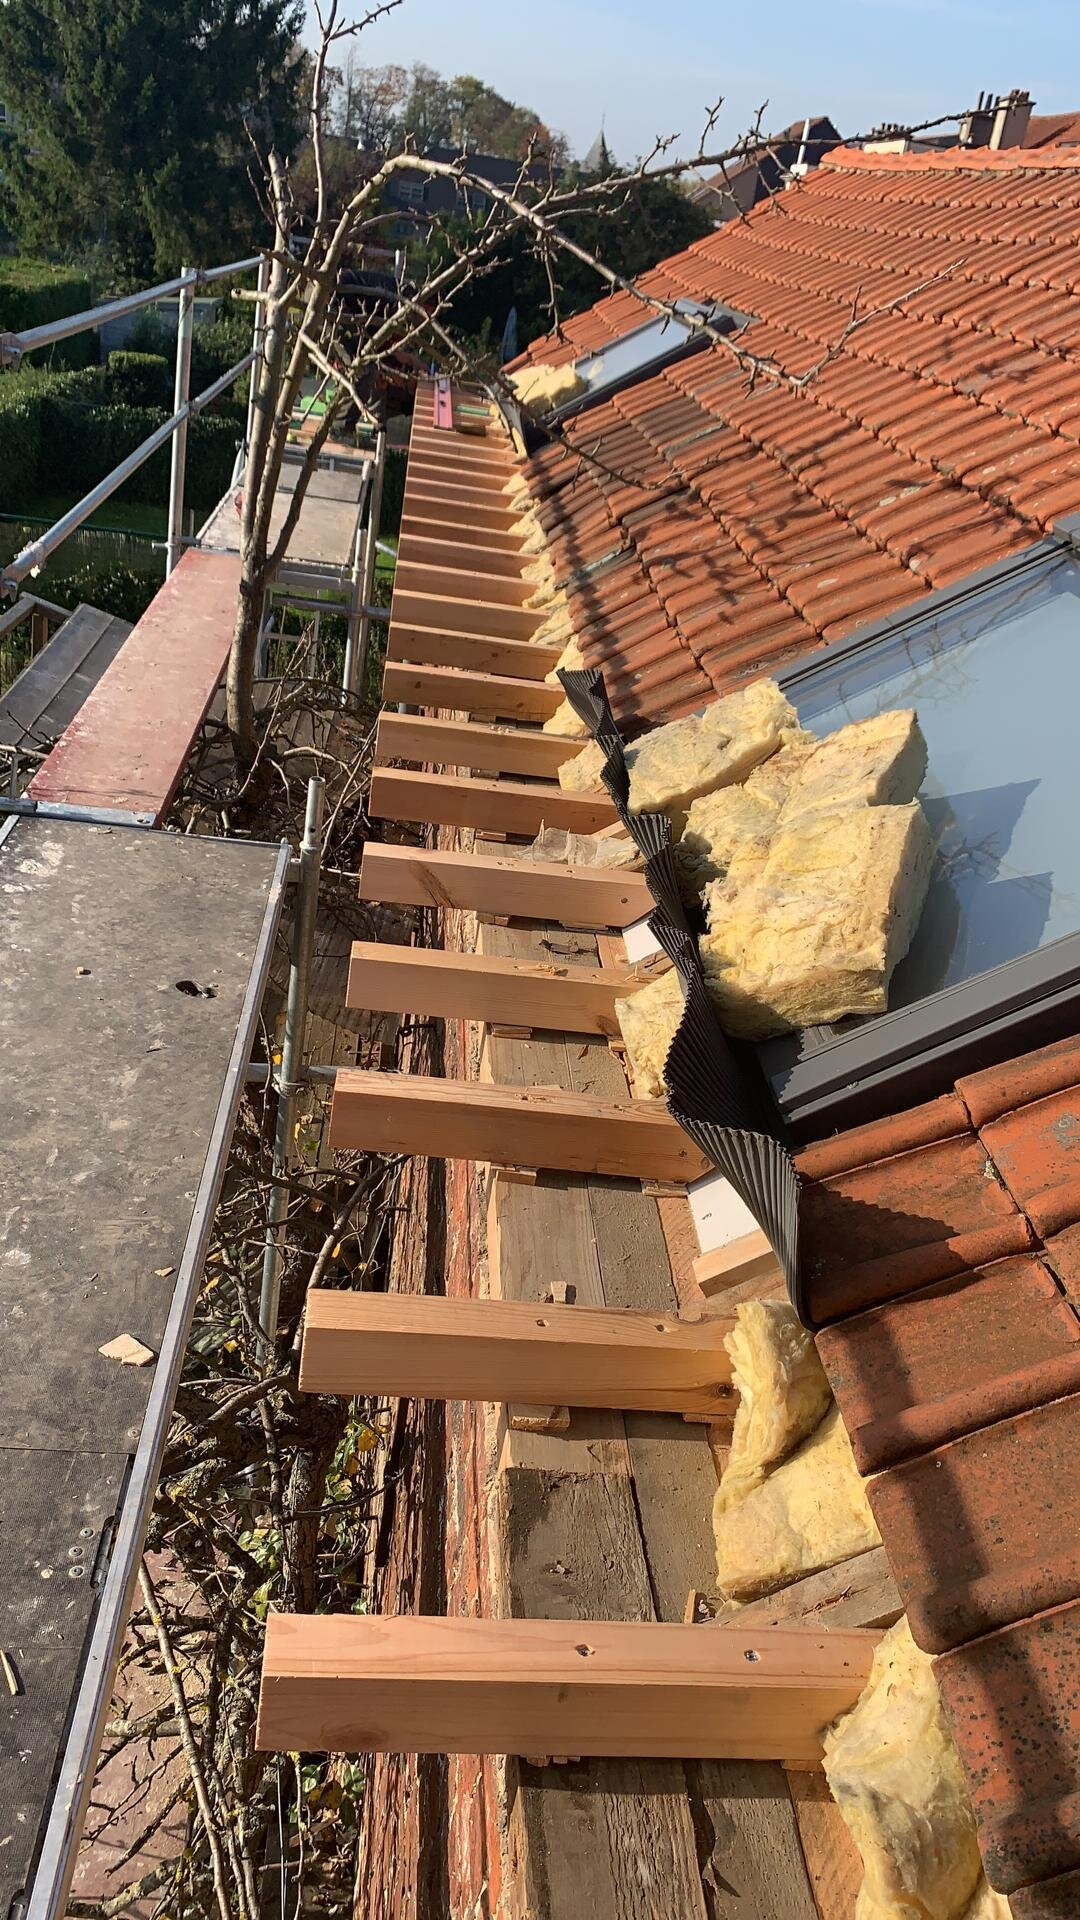 boiserie_corniche — toiture